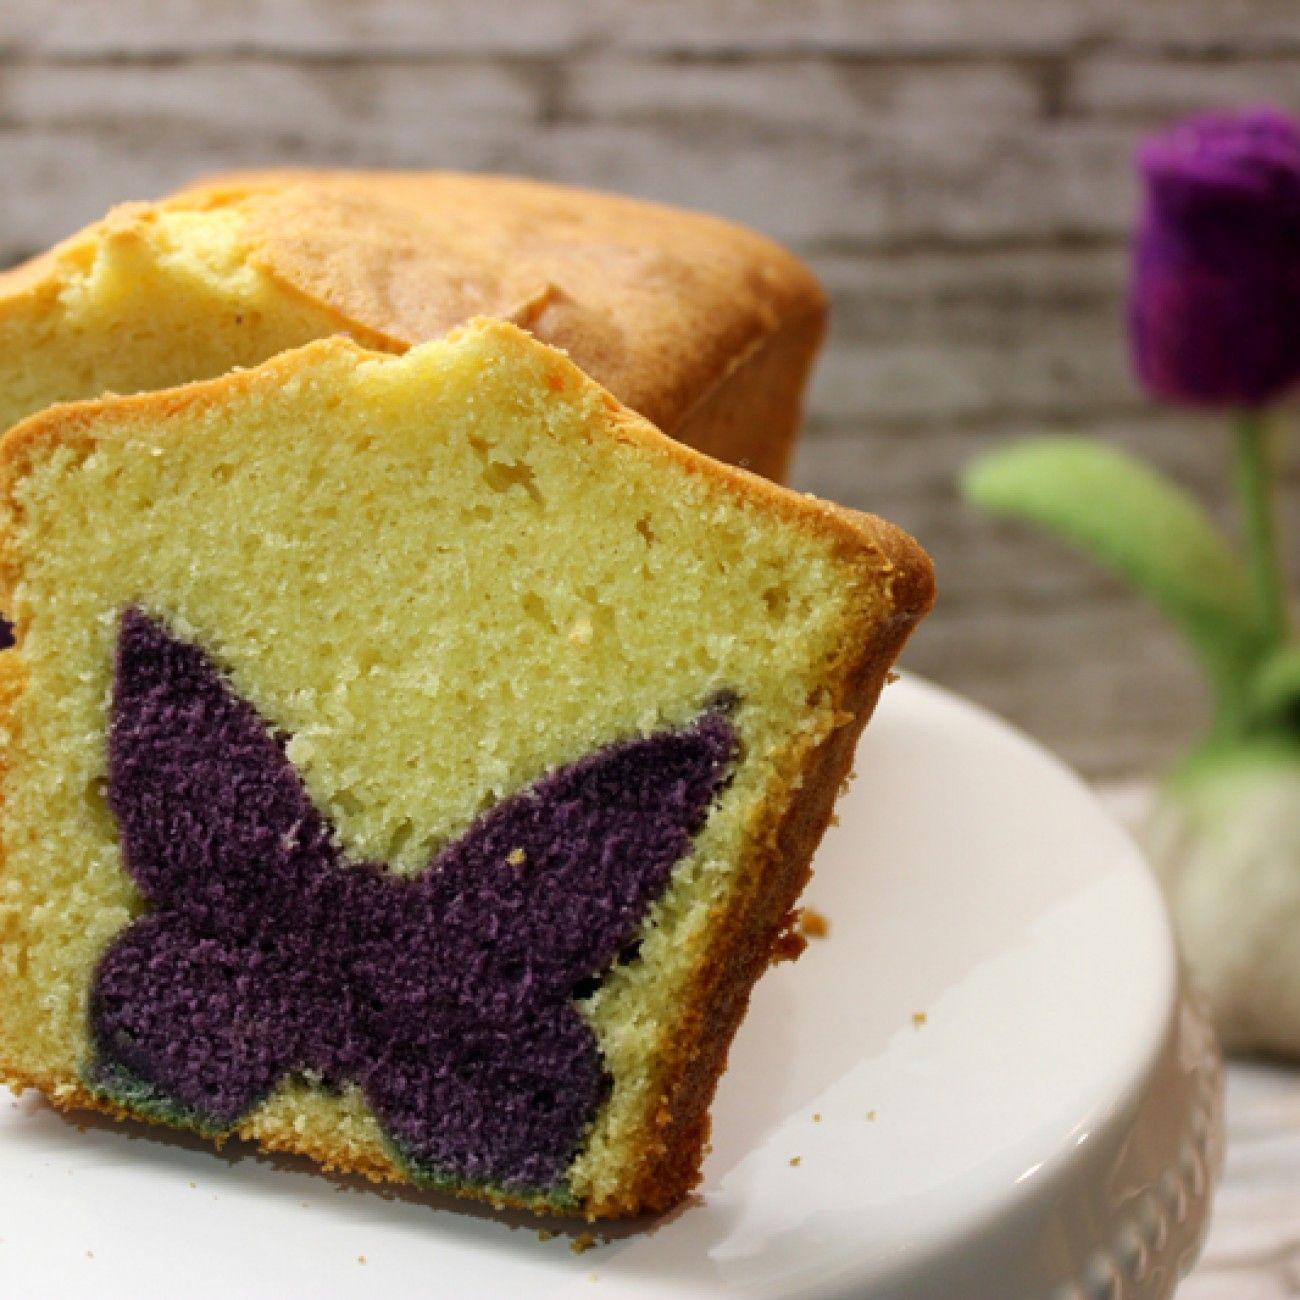 Sanella Geburtstagskuchen: Schmetterlingskuchen